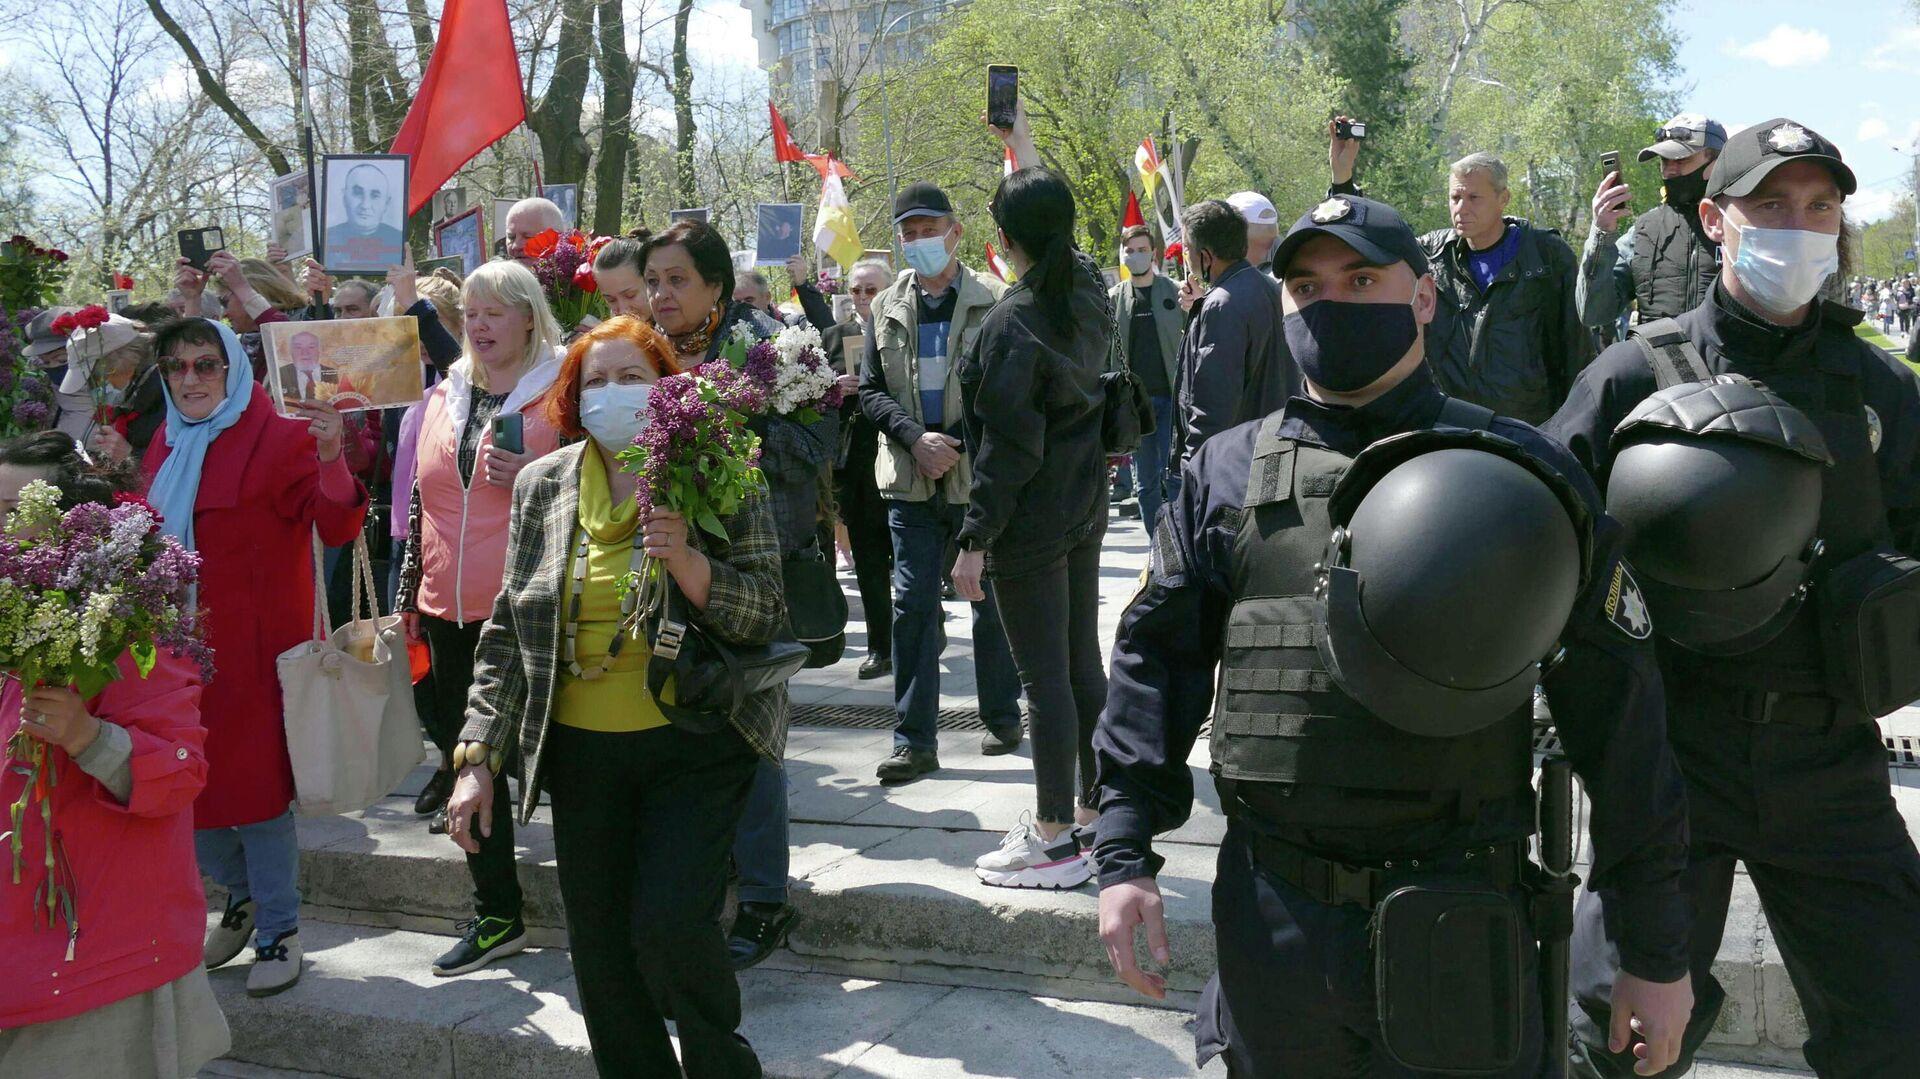 Сотрудники полиции и участники акции Бессмертный полк на аллее Славы в Одессе - РИА Новости, 1920, 09.05.2021